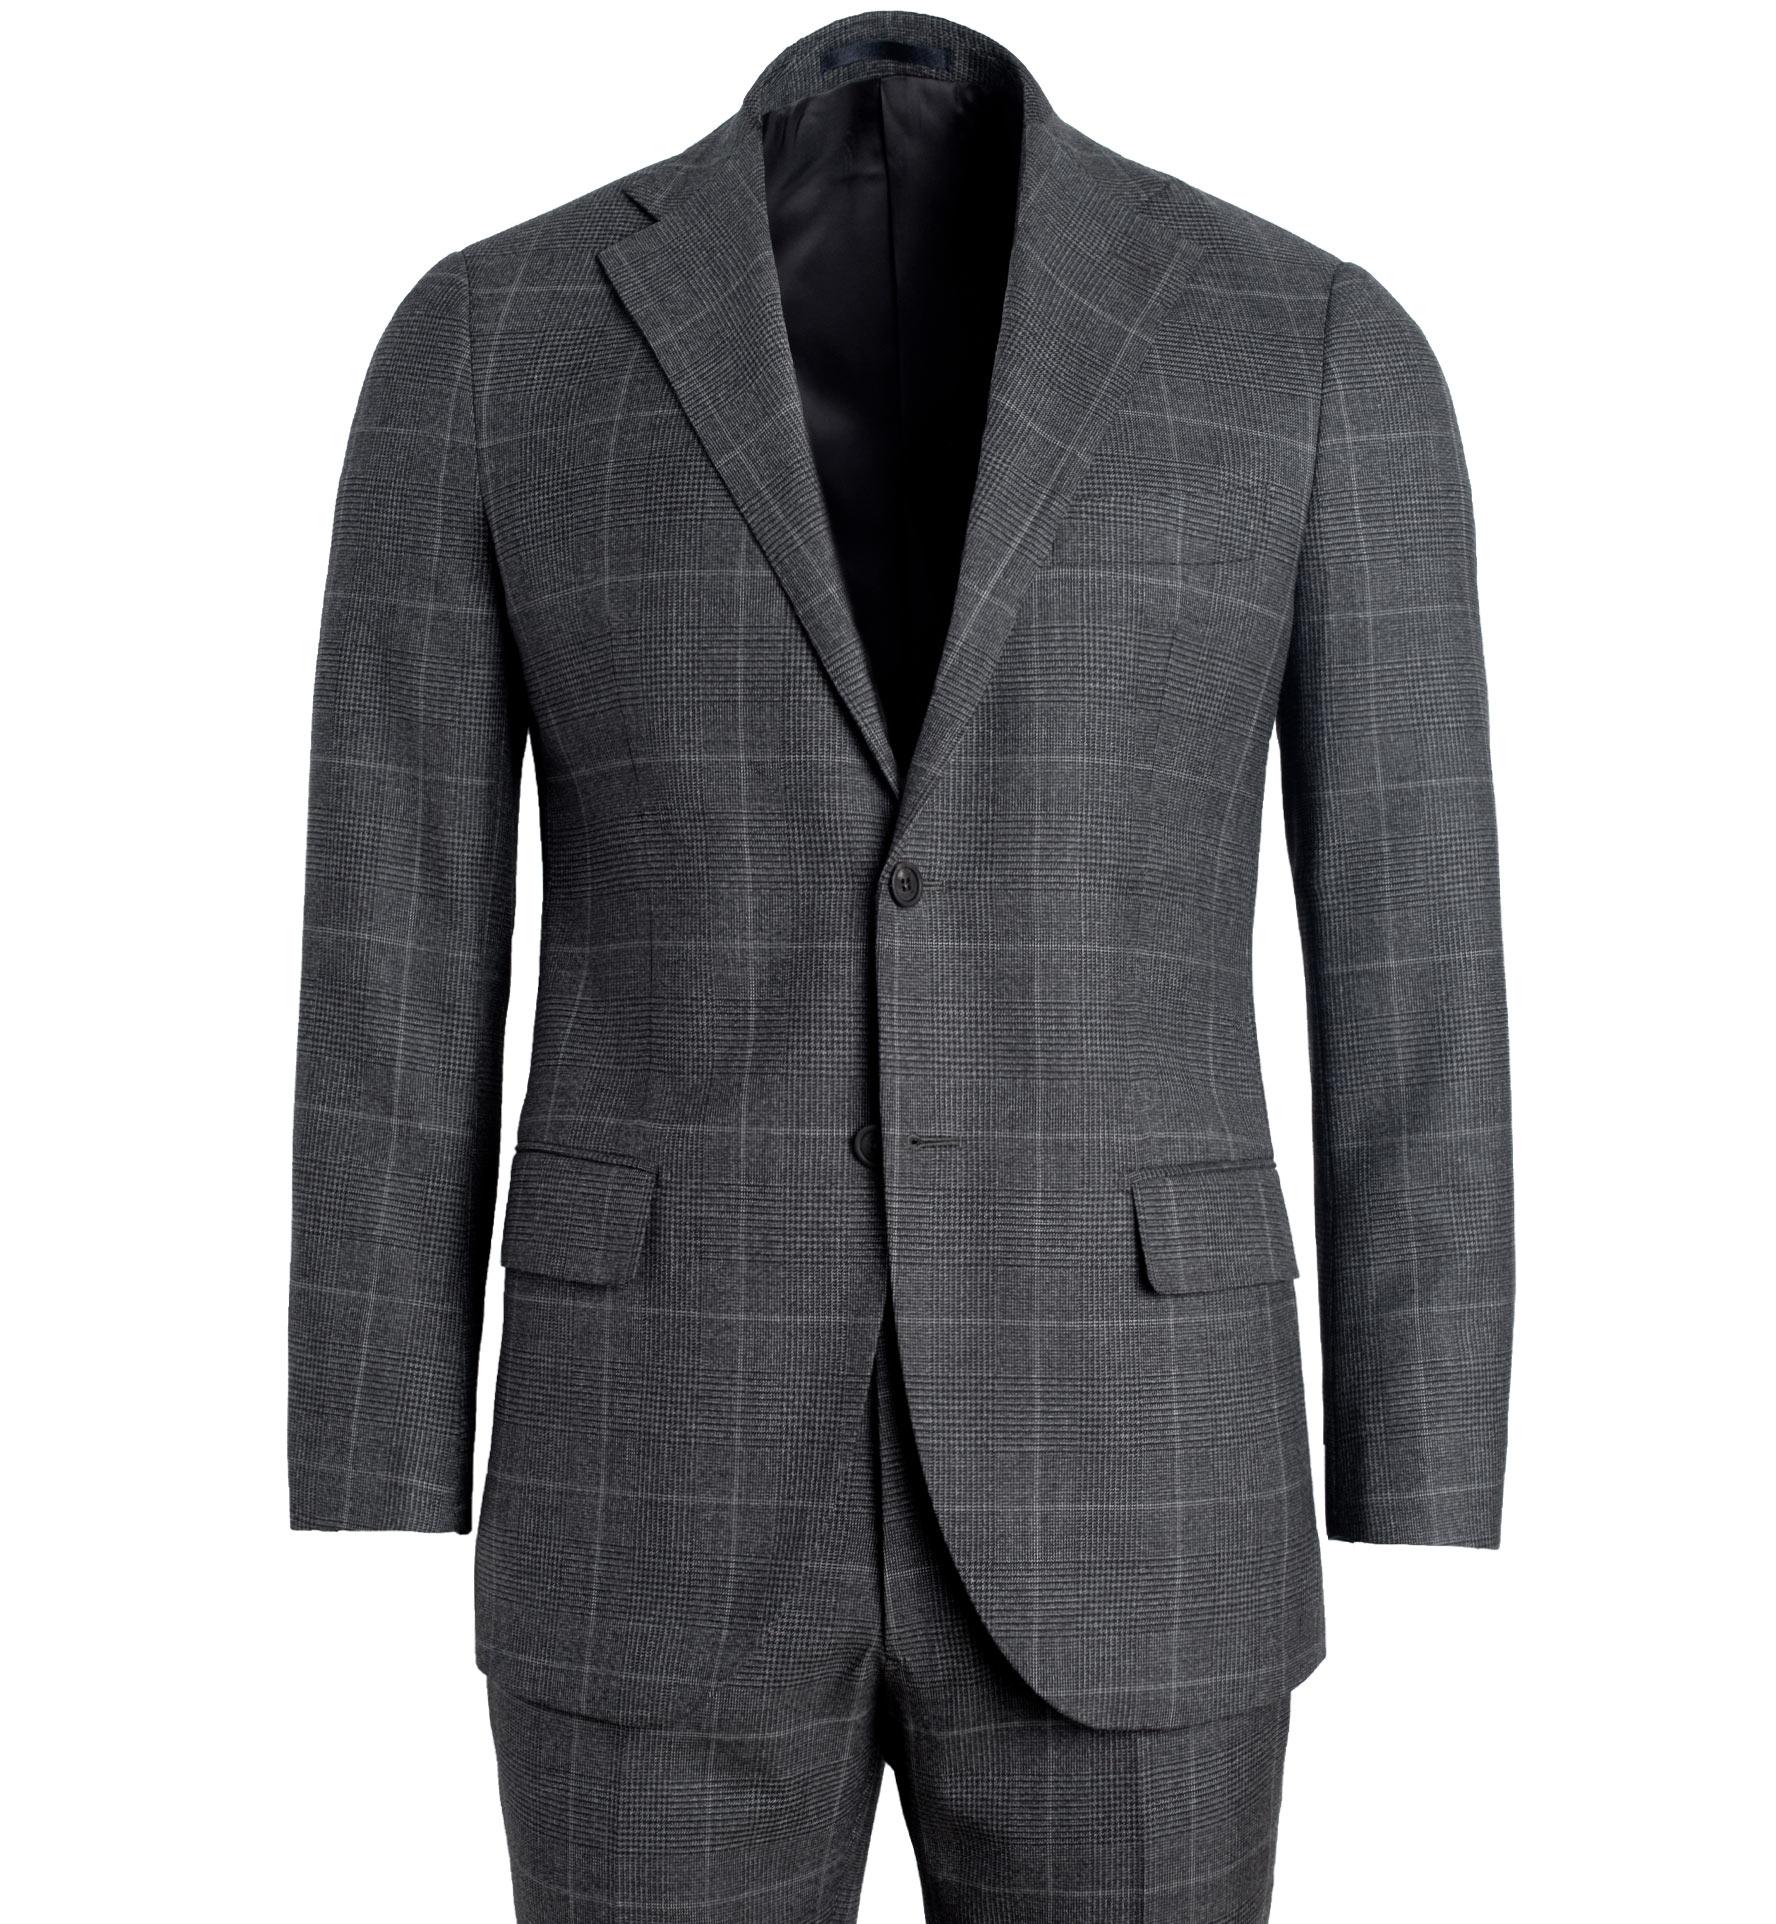 Zoom Image of Allen Grey Glen Plaid S130s Wool Suit